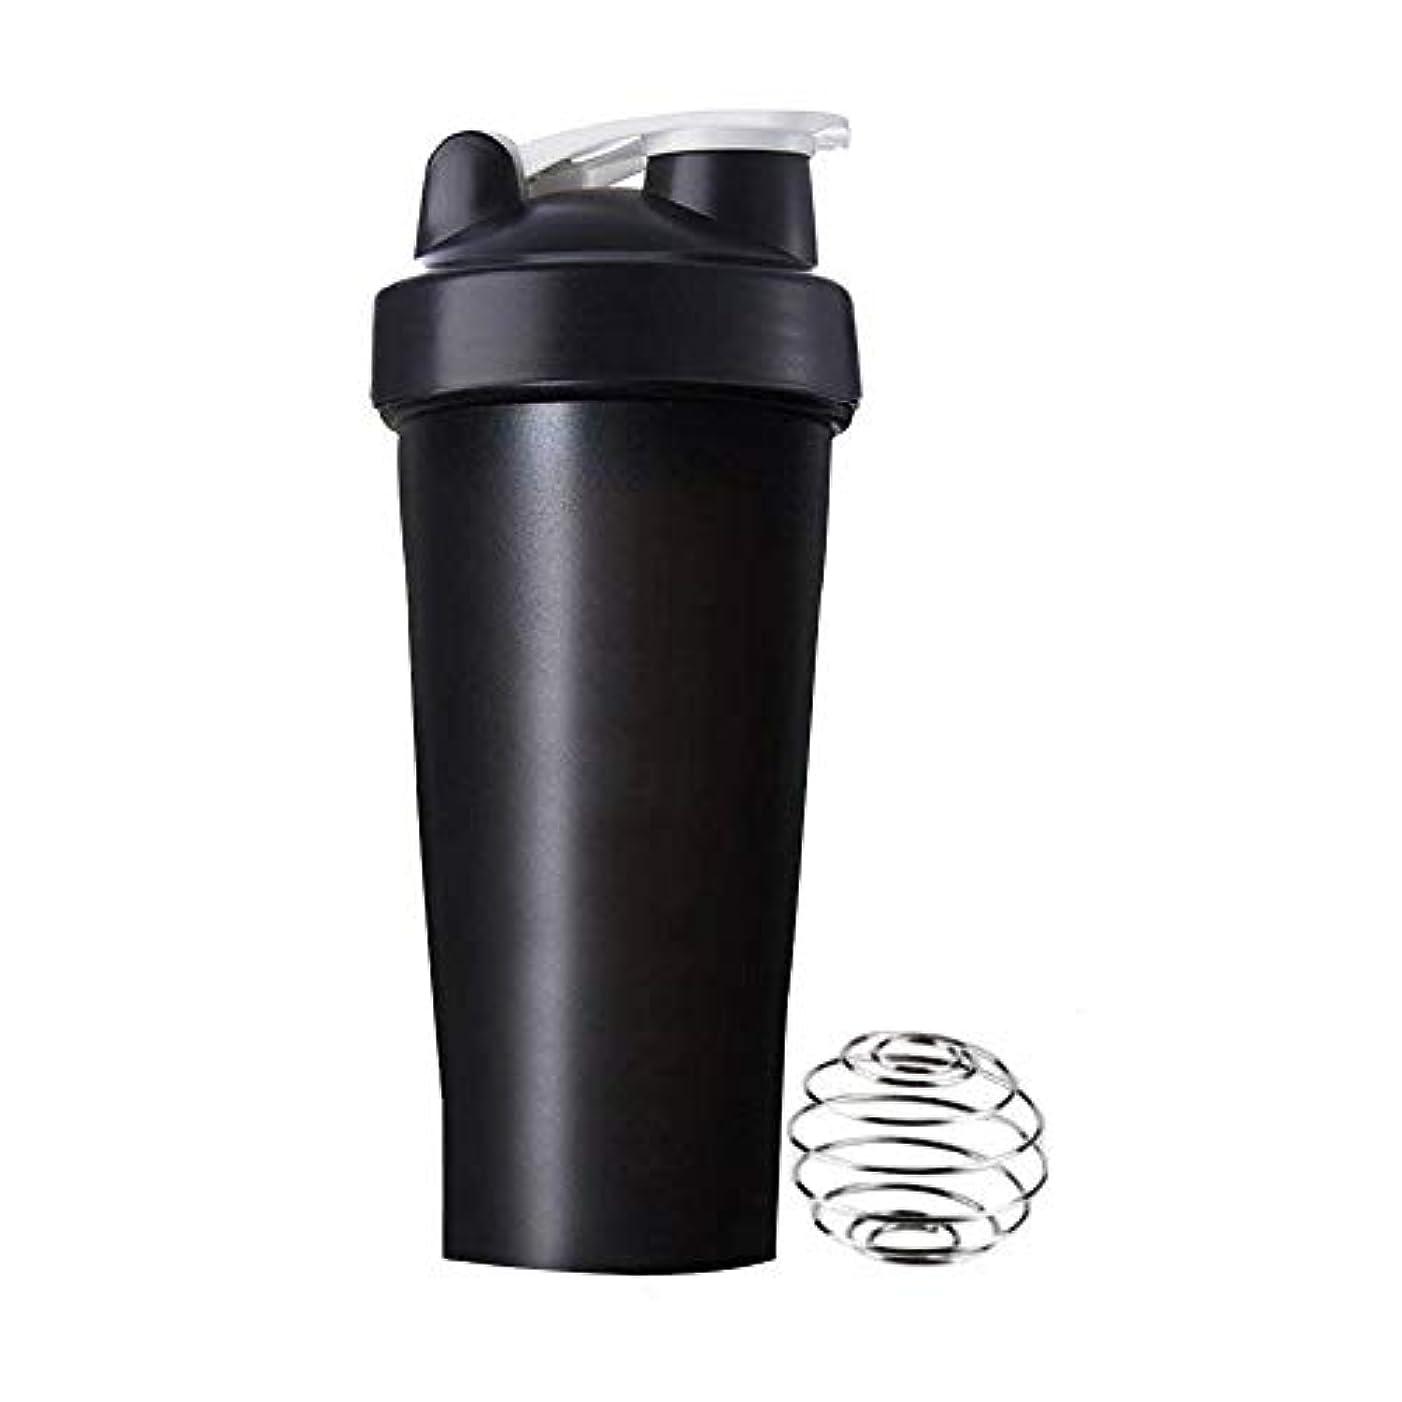 姿勢熟達した本物のSimg プロテインシェイカー 直飲み プラスチックウォーターボトル ジム シェーカーボトル 600ml